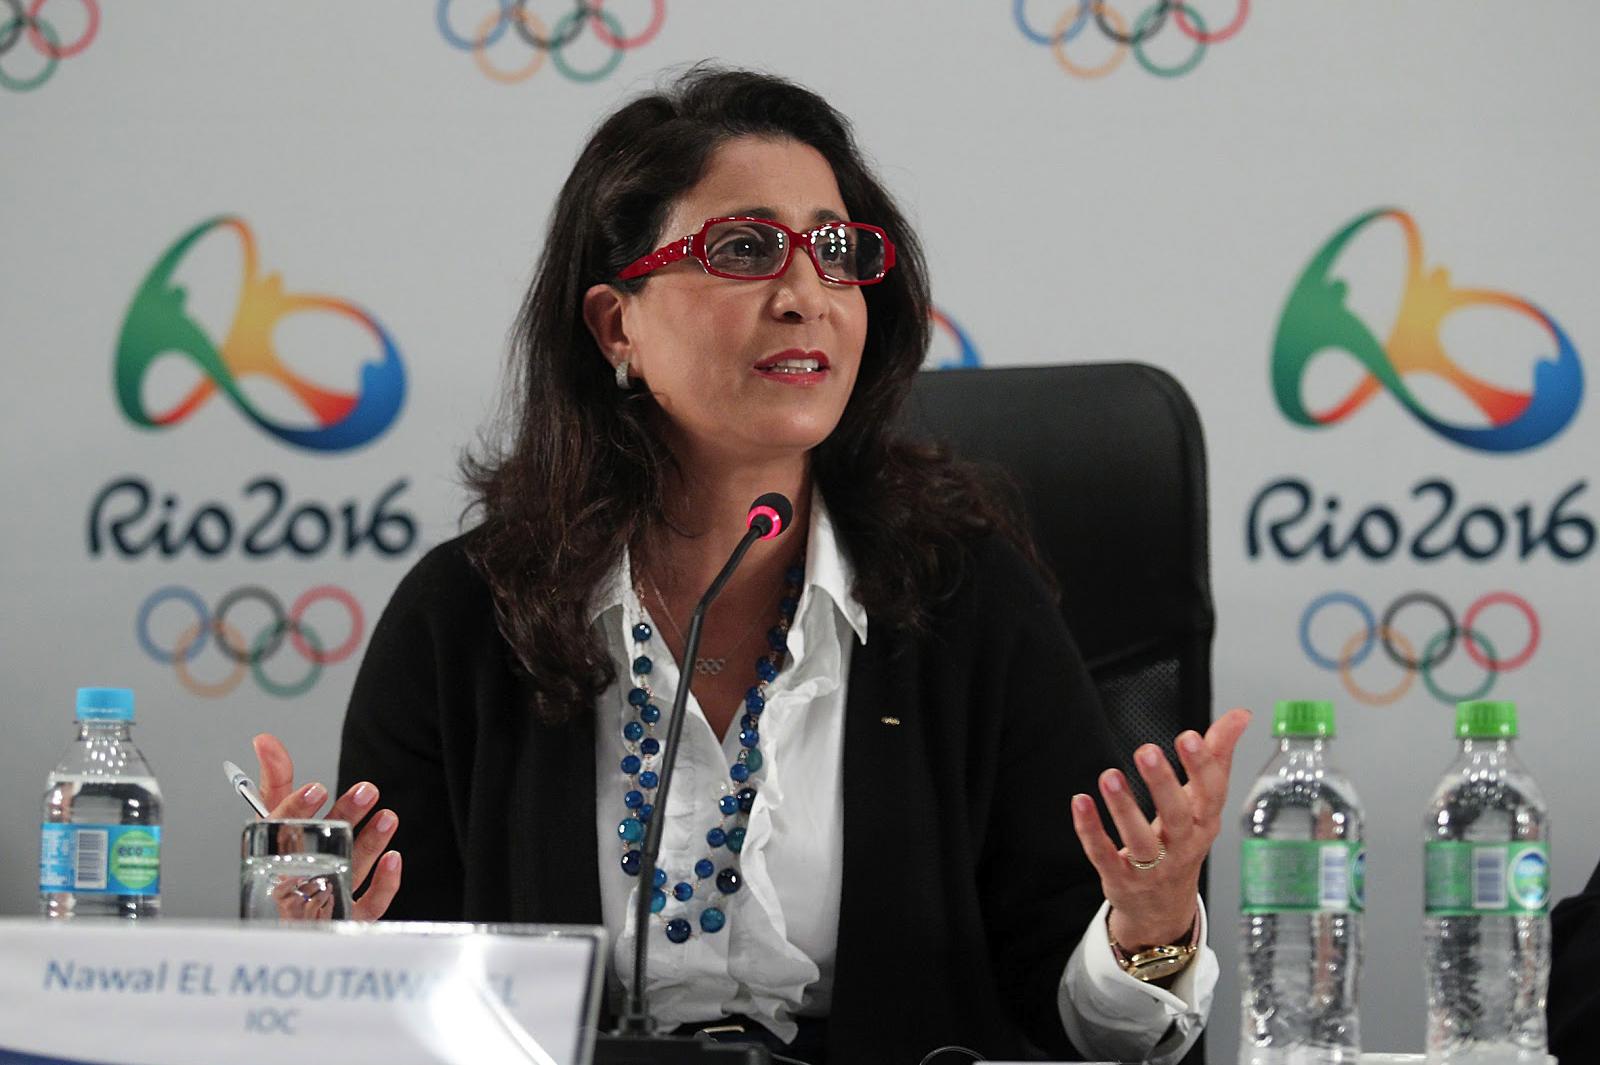 نوال المتوكل والأردني فيصل بن الحسين في اللجنة التنفيذية للأولمبية الدولية